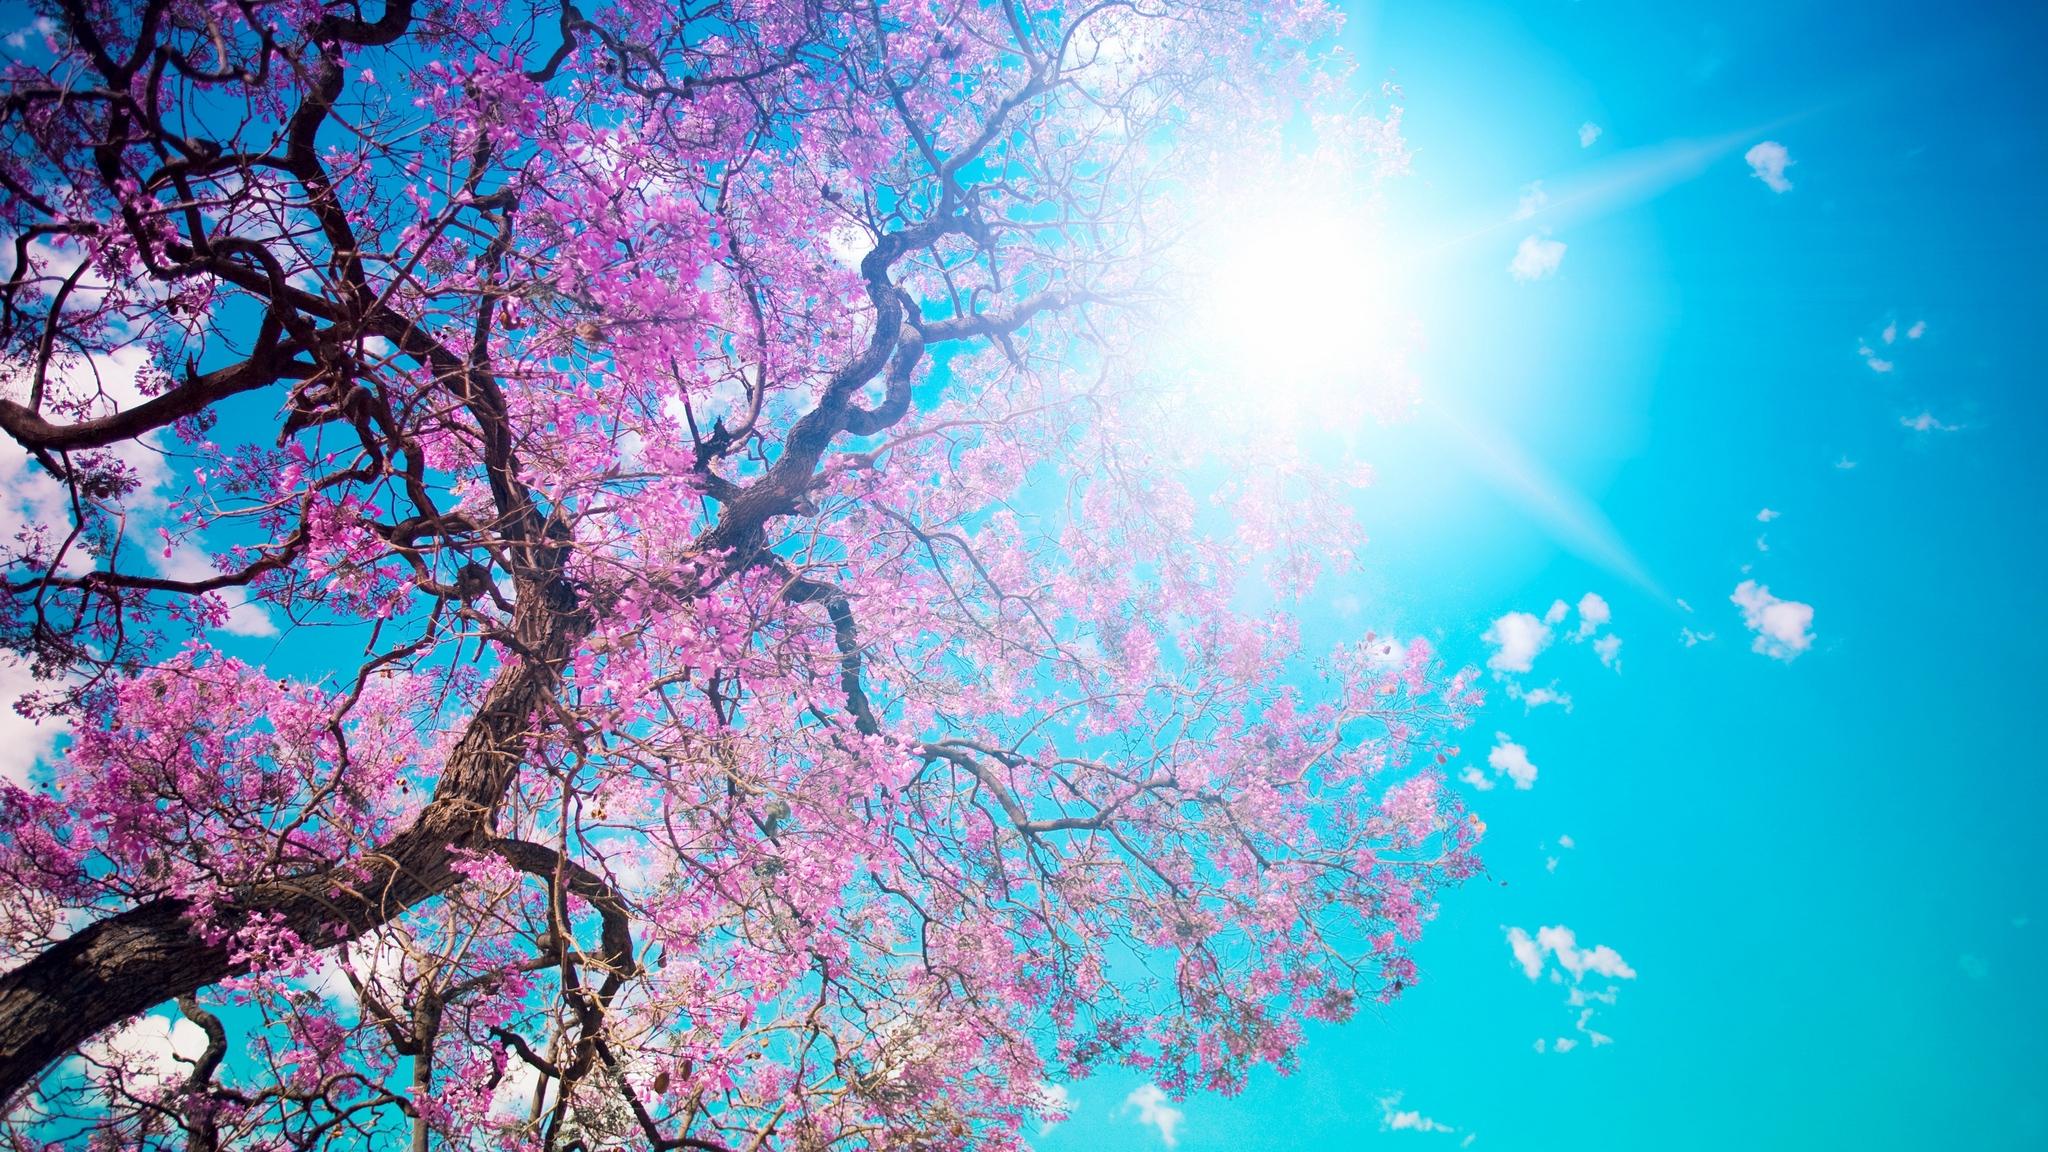 Hình nền desktop cây anh đào dưới ánh nắng hè